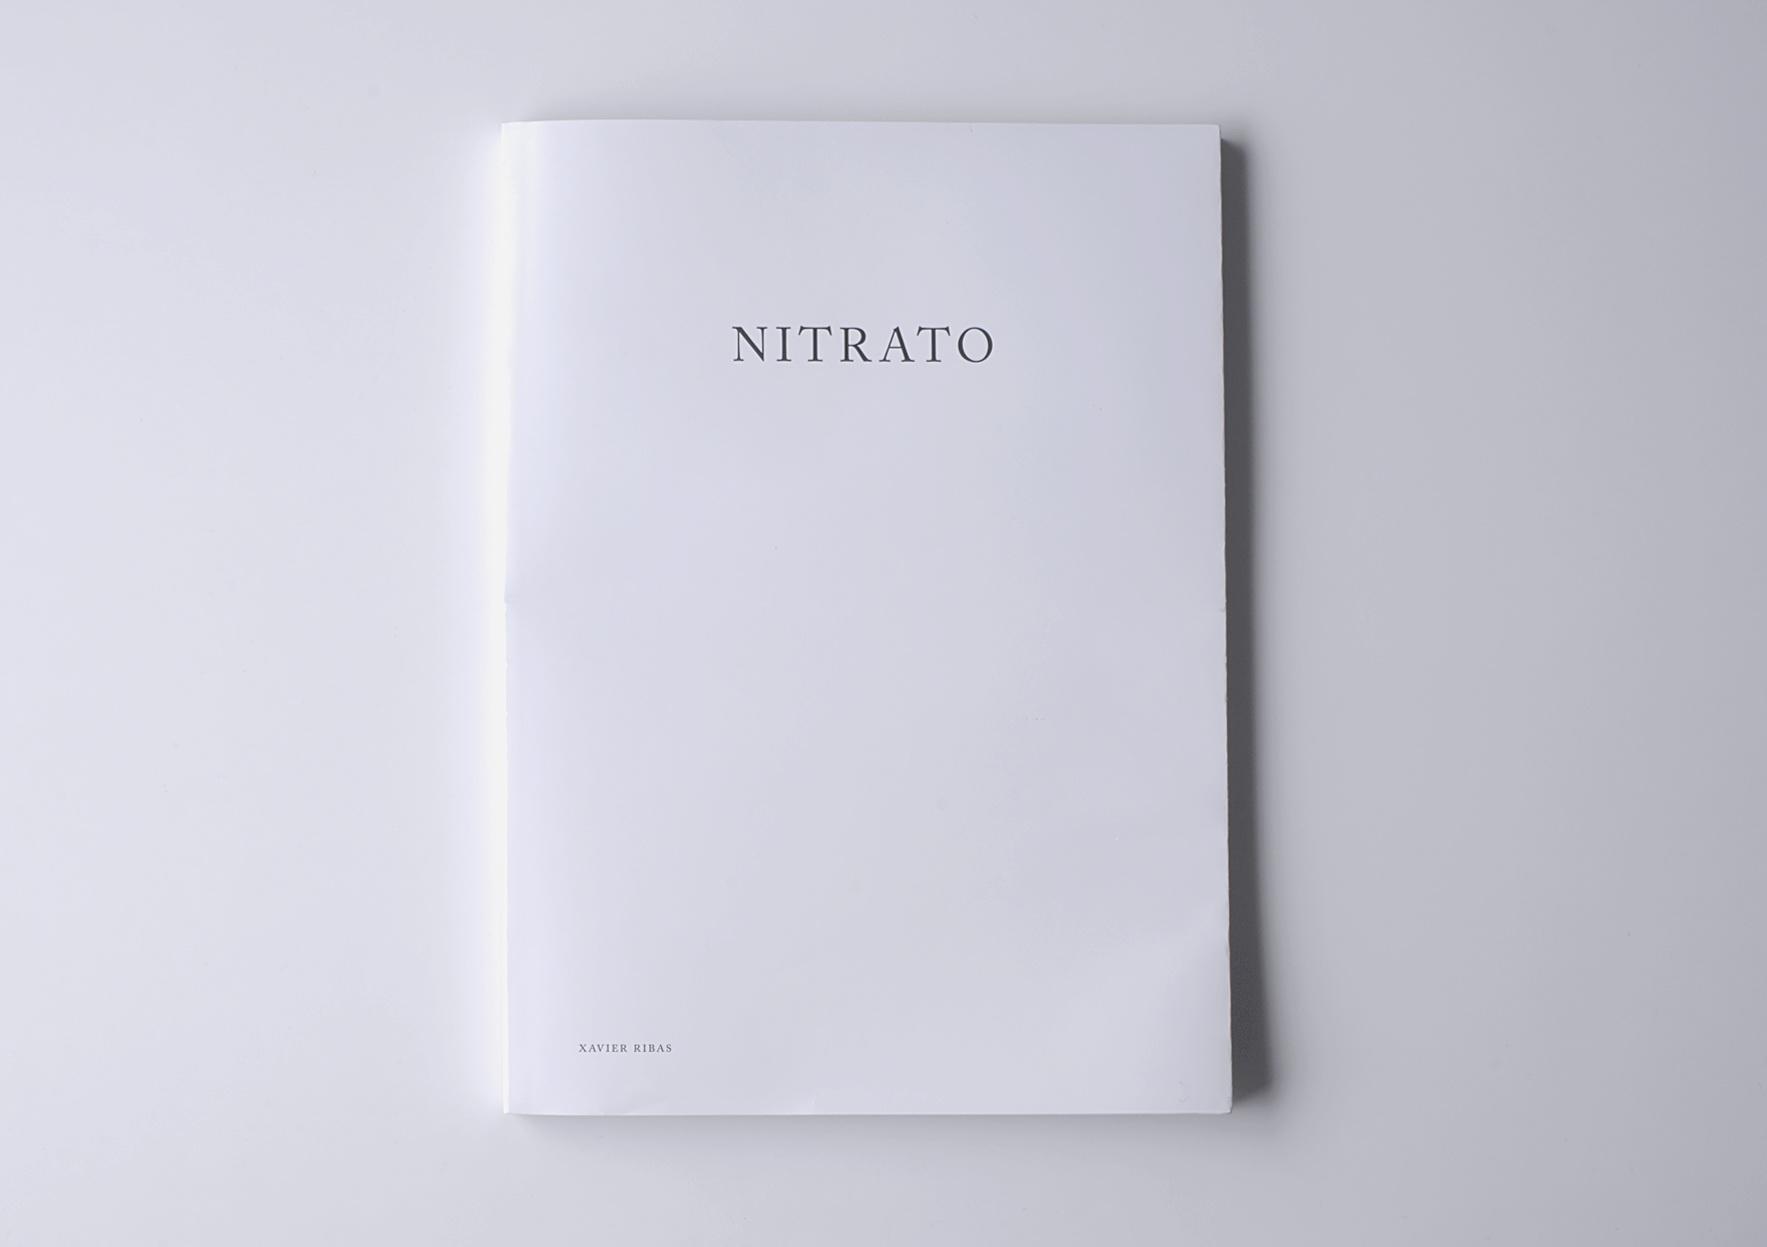 | Nitrate / Nitrato | ProjecteSD